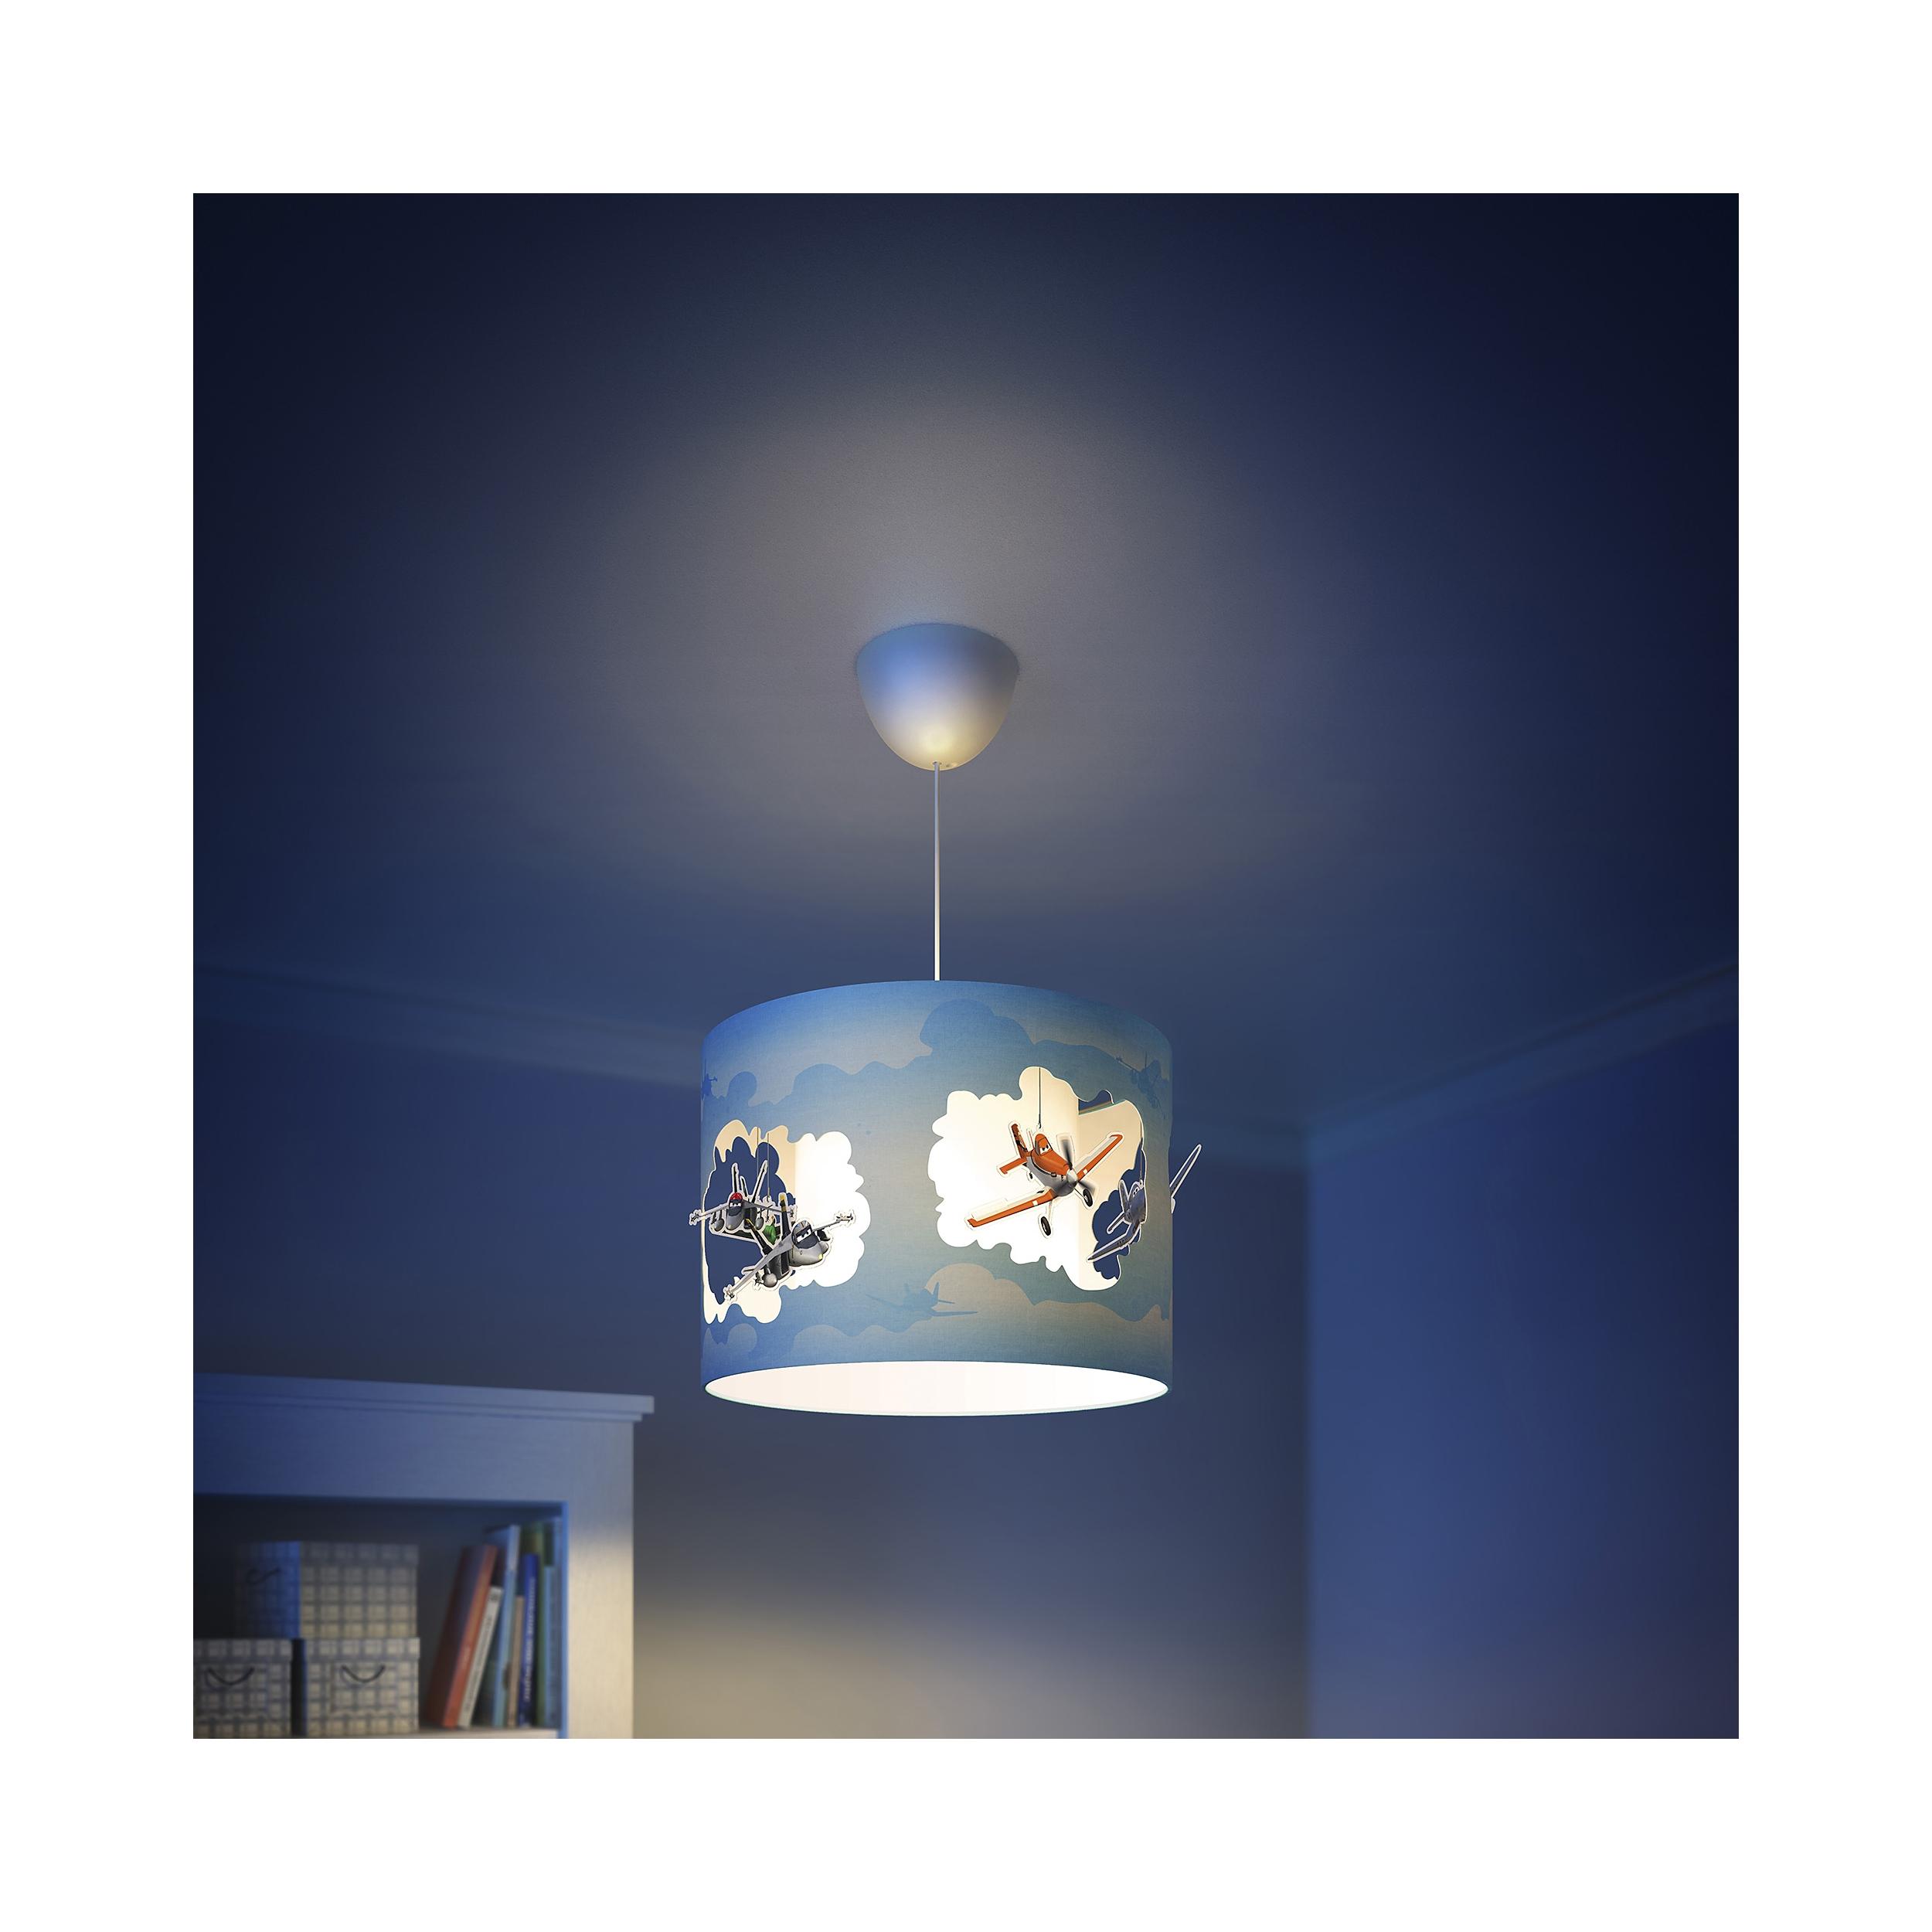 philips lampe kinderzimmer disney pendelleuchte planes licht 717545316 ebay. Black Bedroom Furniture Sets. Home Design Ideas